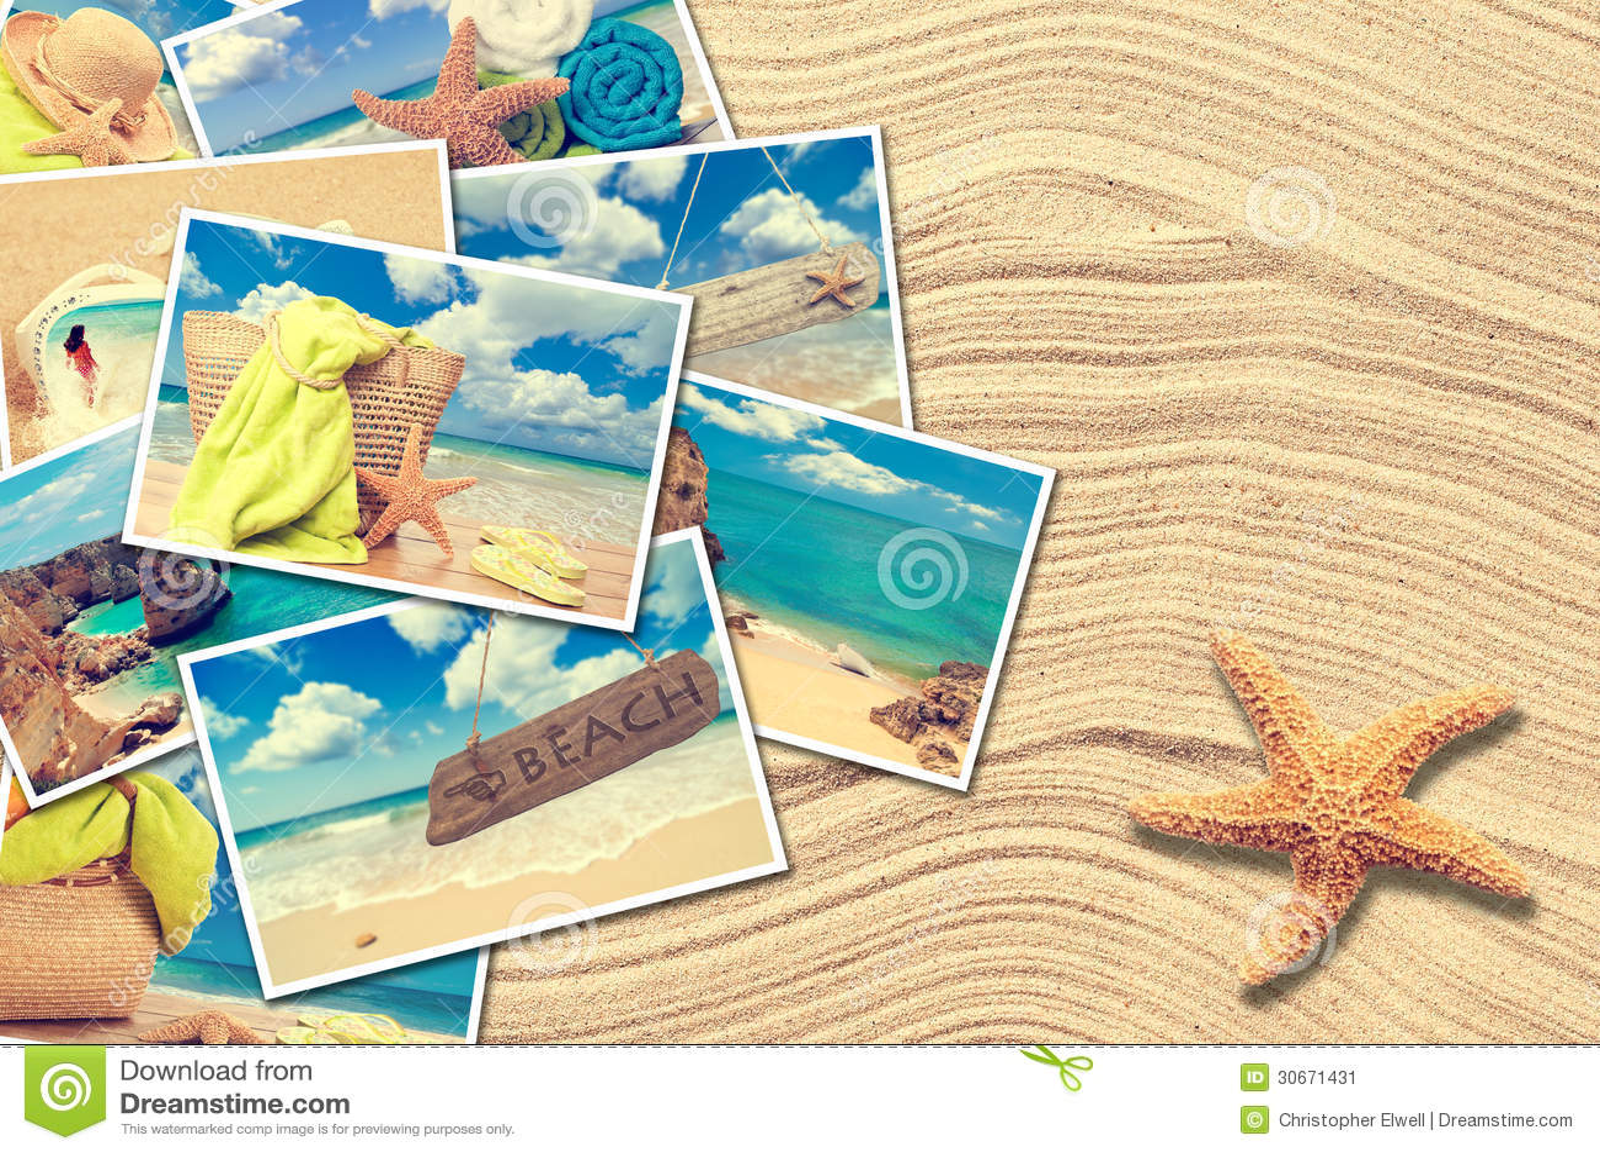 Картинка с поздравлением отпуска